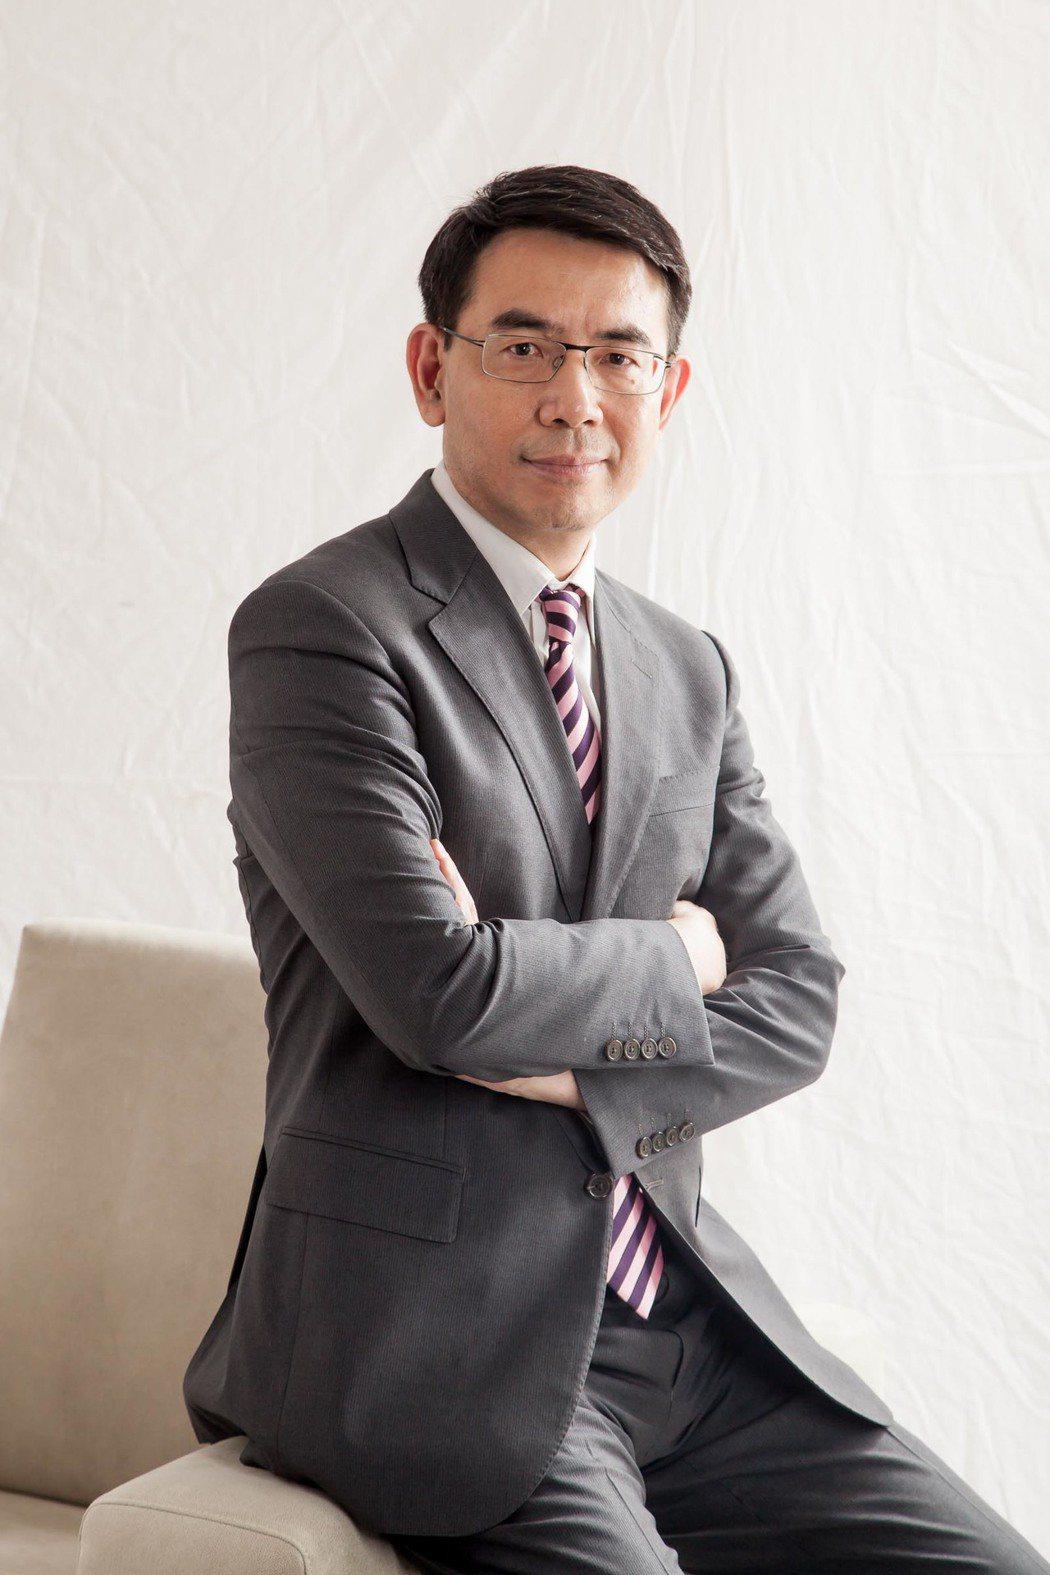 劉寶傑確定留任「關鍵時刻」。圖/東森提供